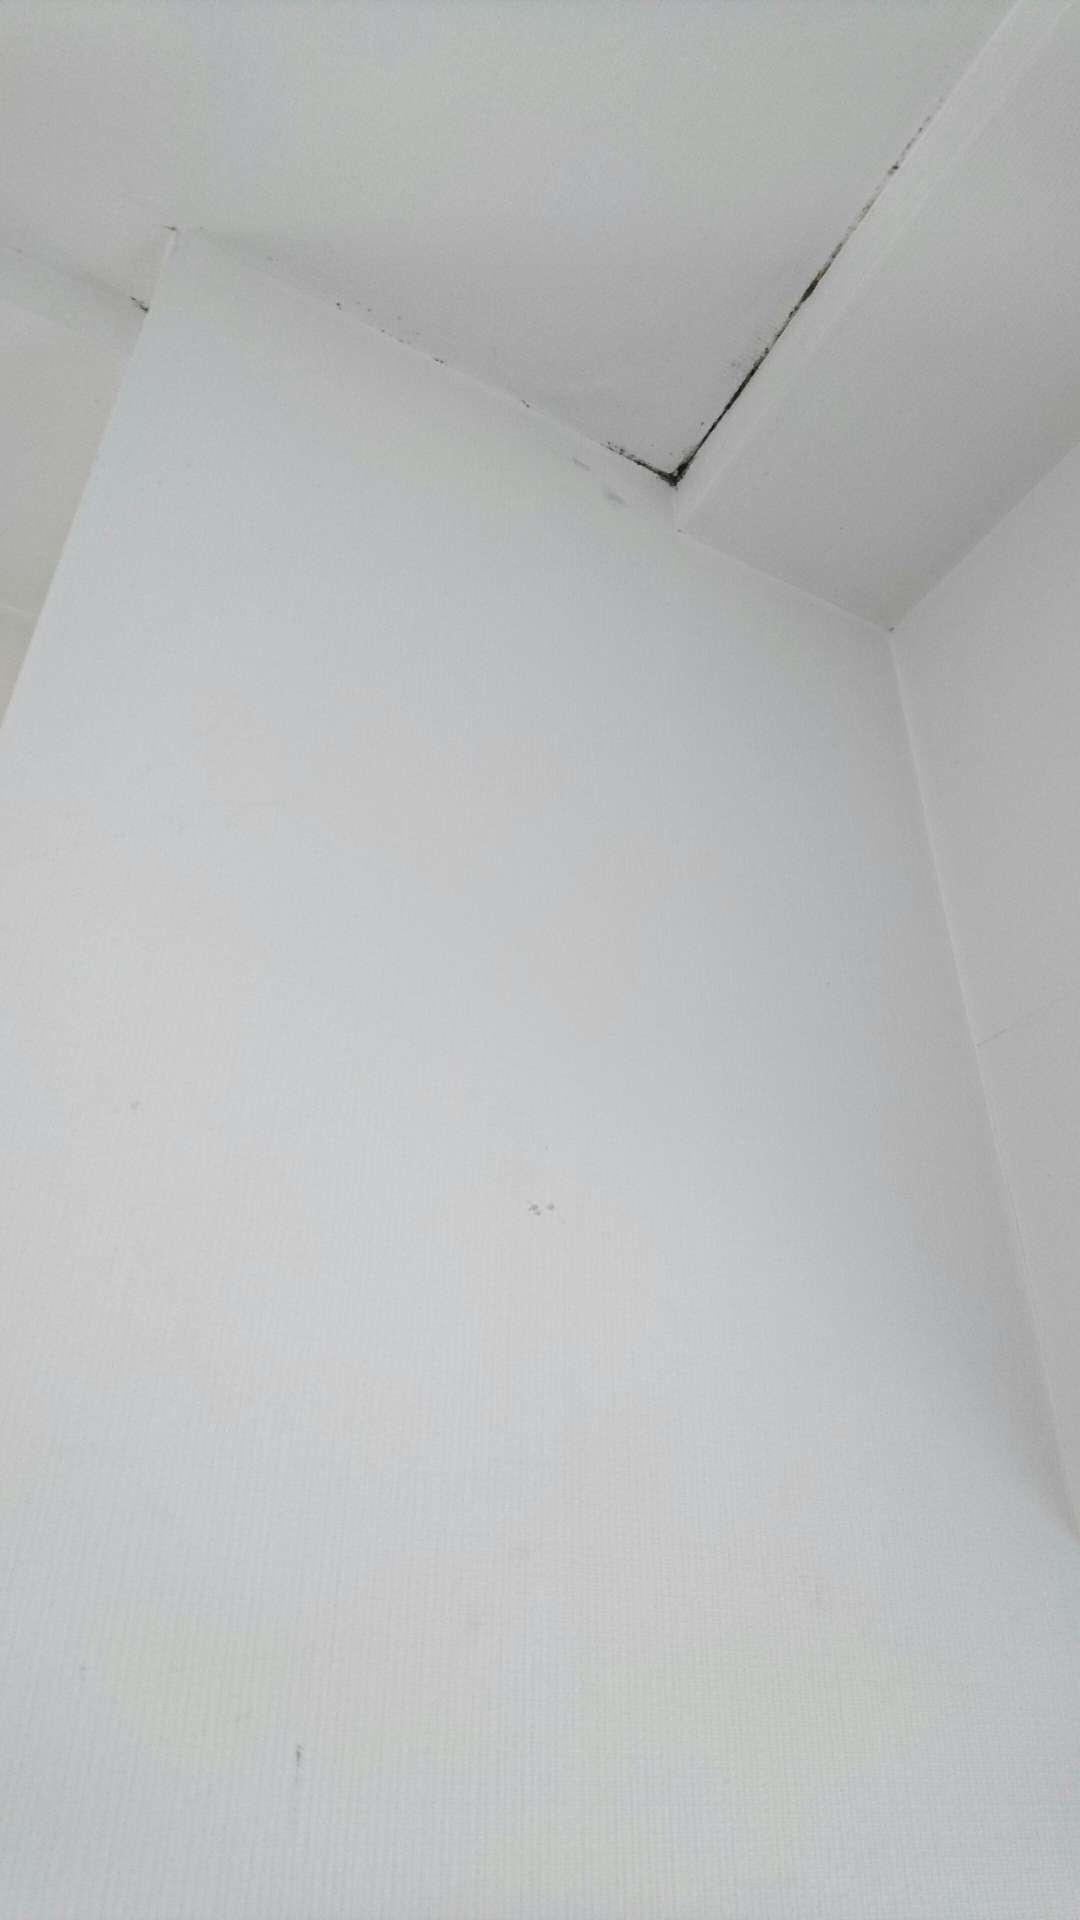 壁紙にカビが生えた時の掃除方法 大阪市の外壁塗装 防水工事は星功株式会社まで